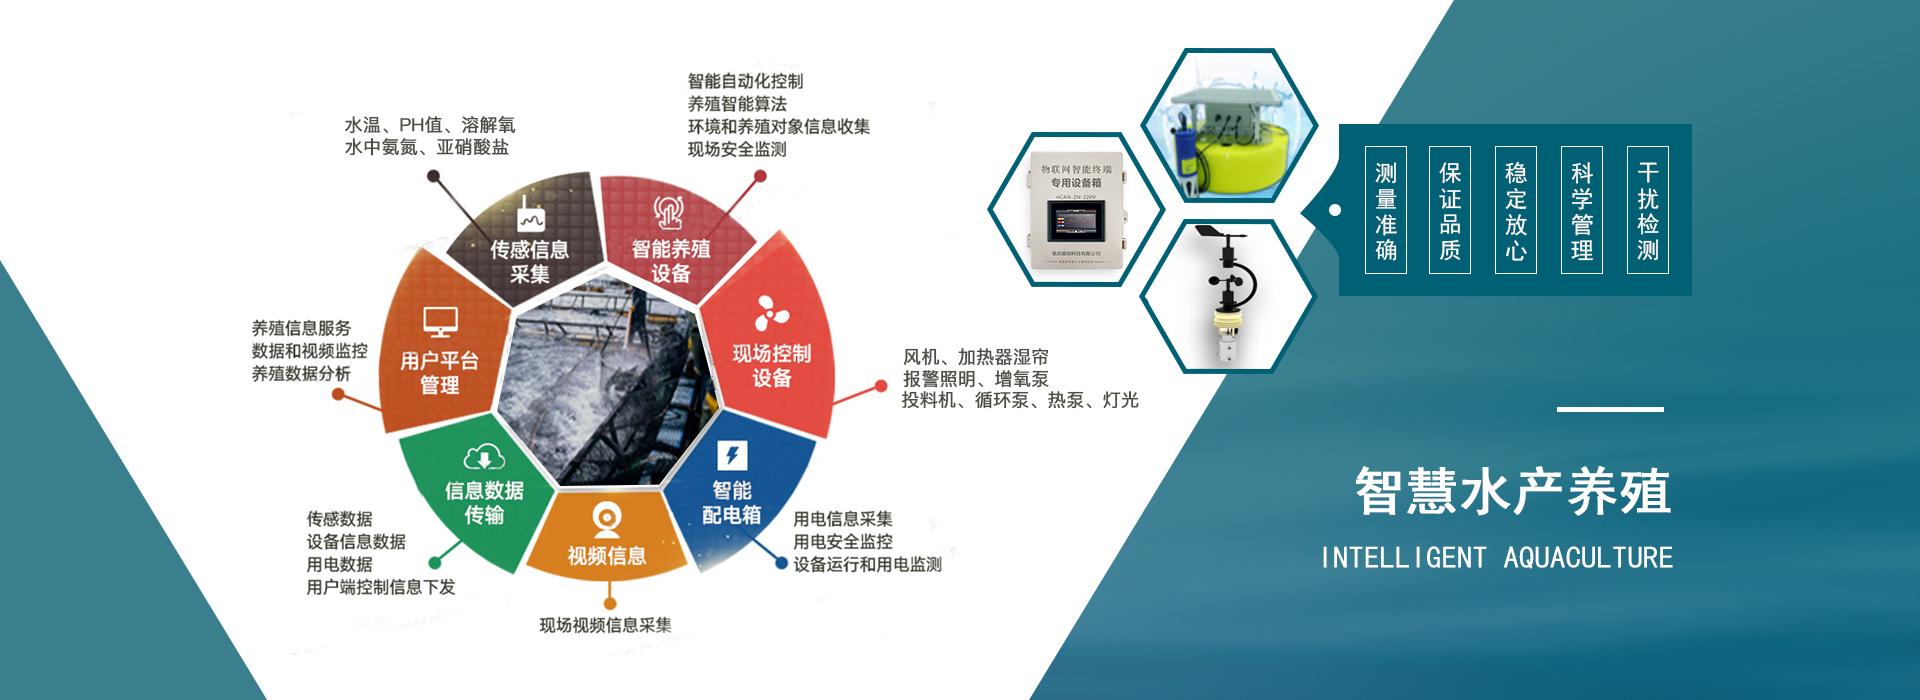 重庆磁创科技有限公司-水肥一体化